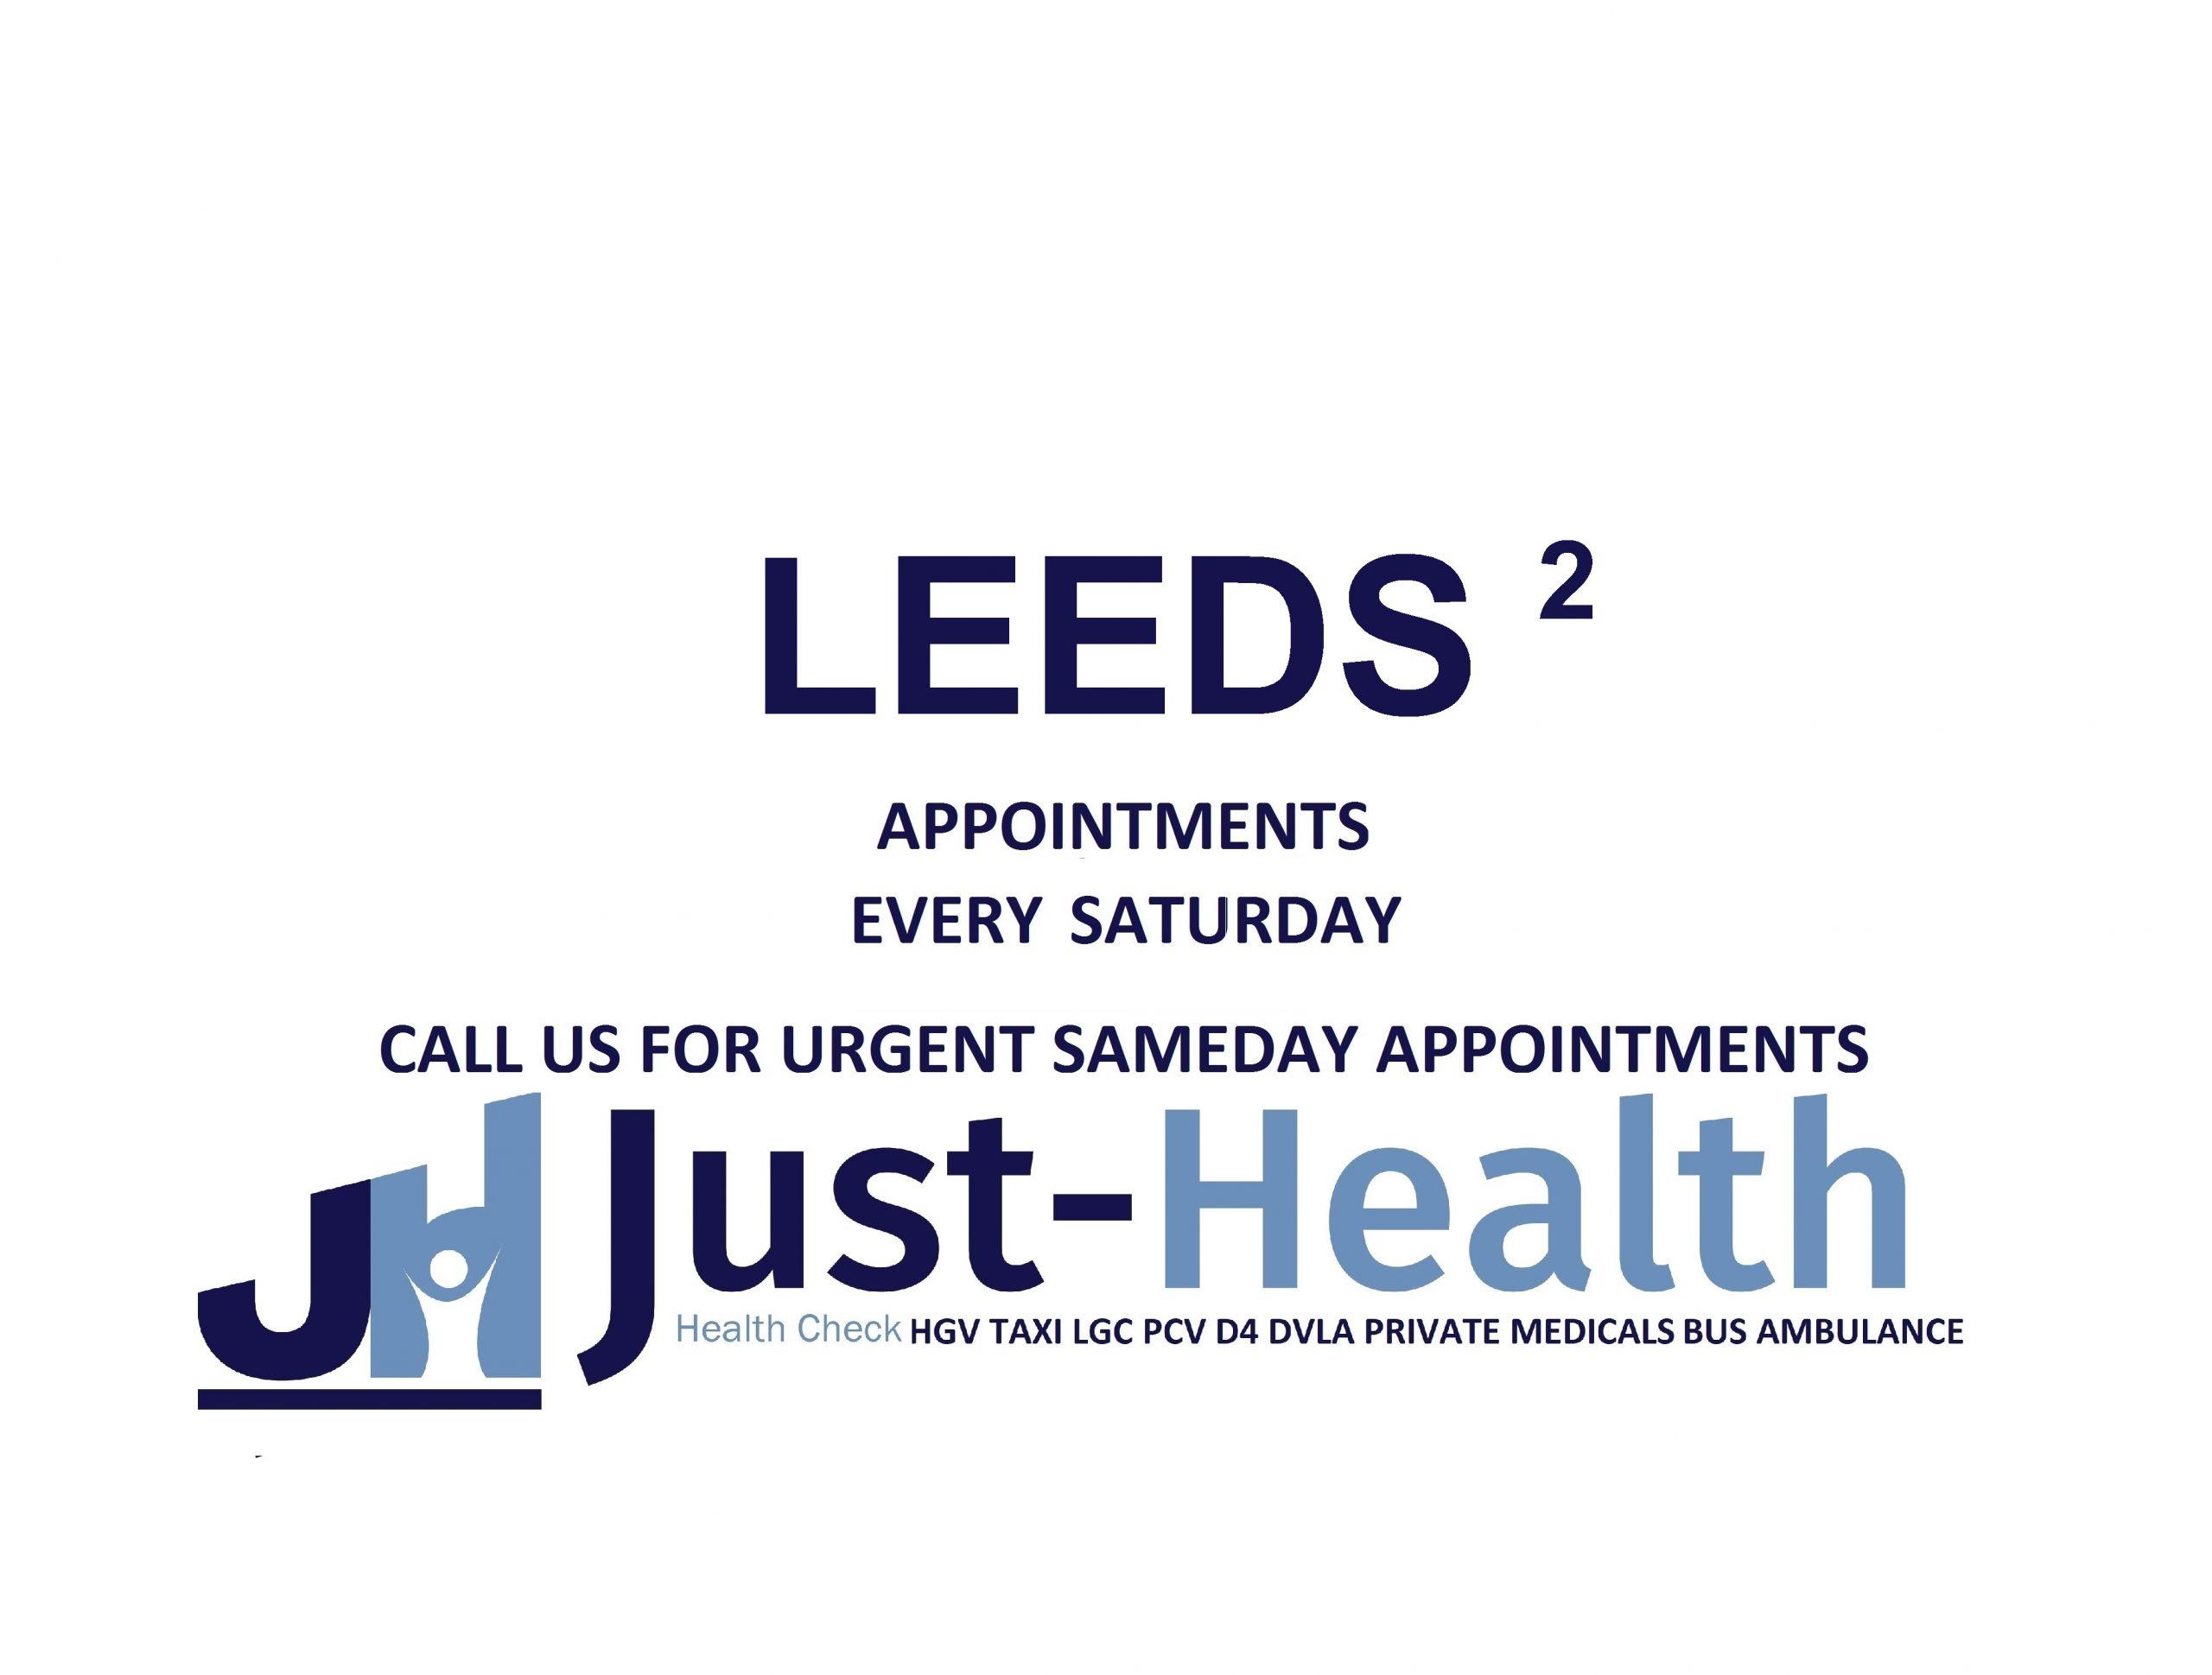 D4 Driver medicals hgv pcv c1 Leeds Holbeck Beeston Elland